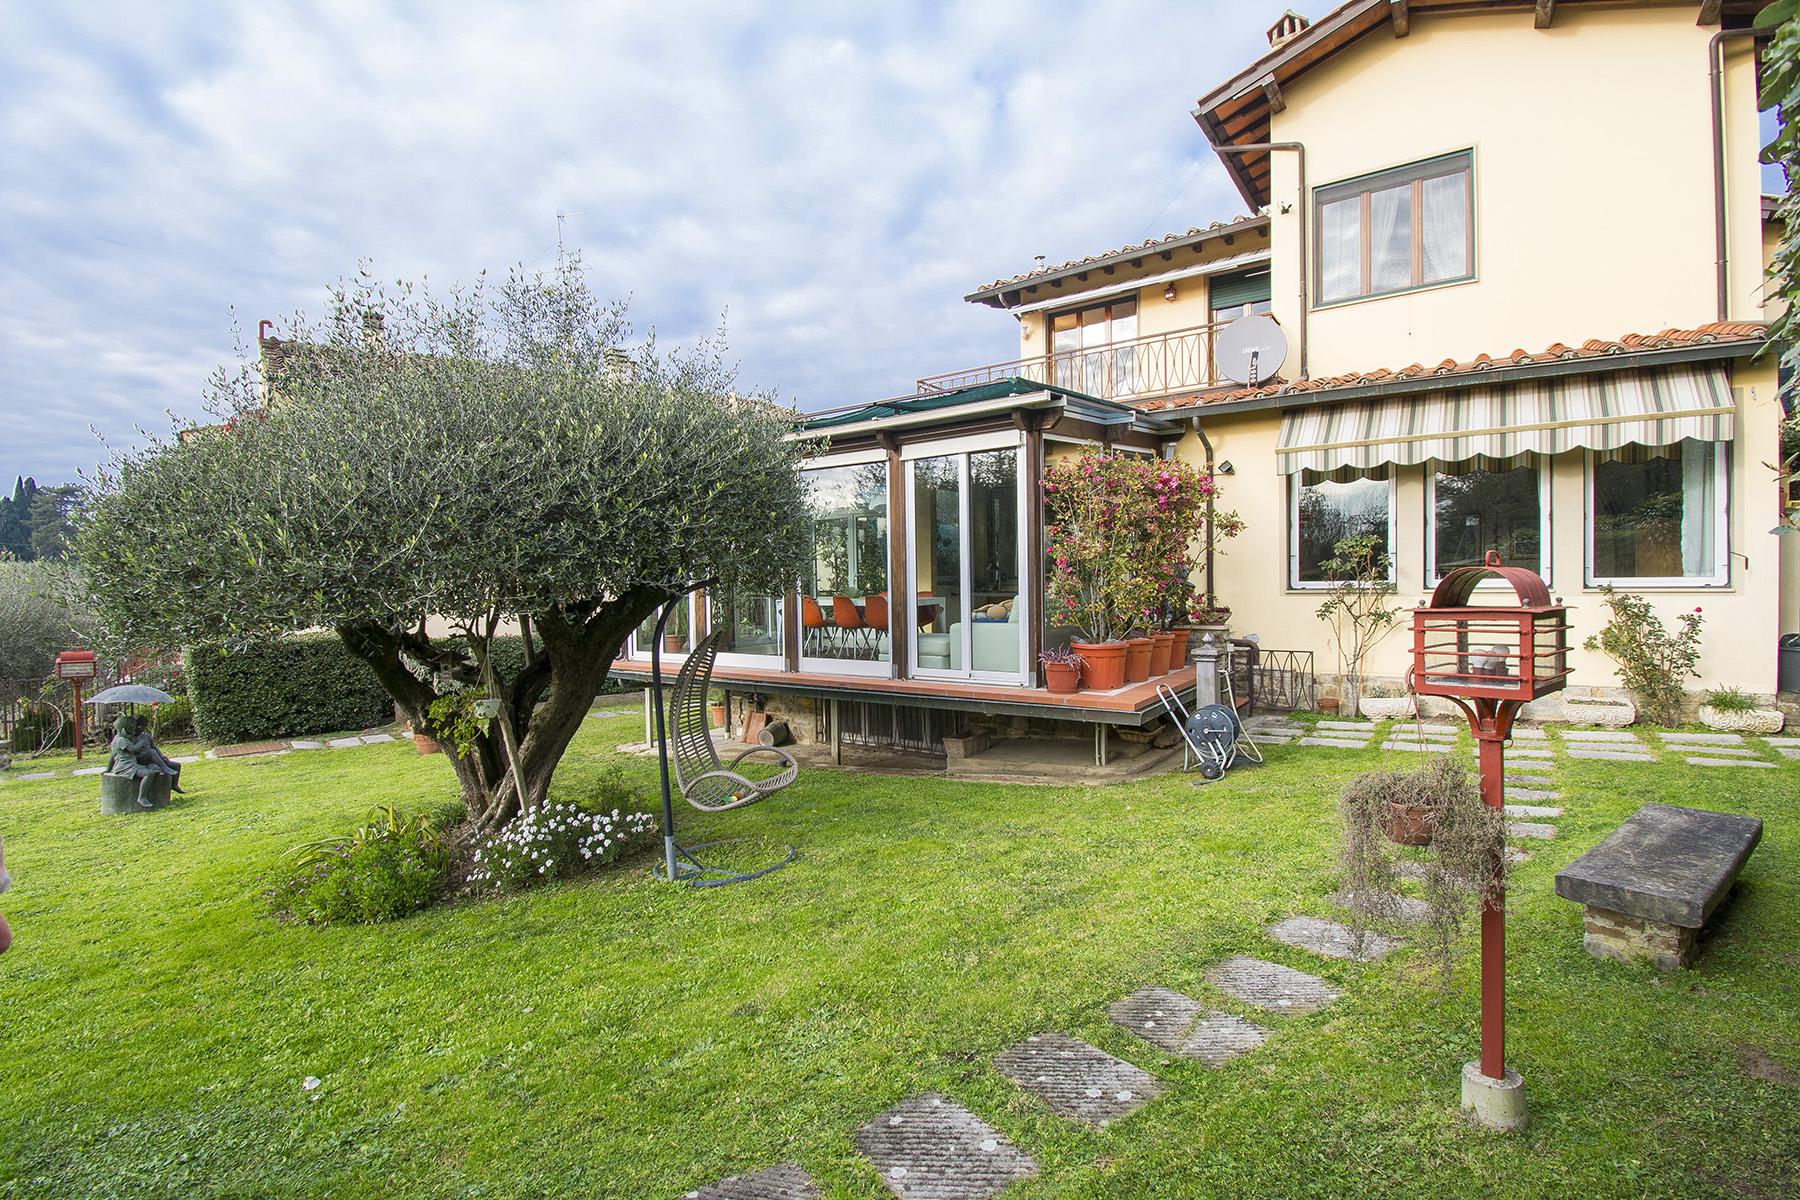 Villa in Vendita a Firenze: 5 locali, 364 mq - Foto 27